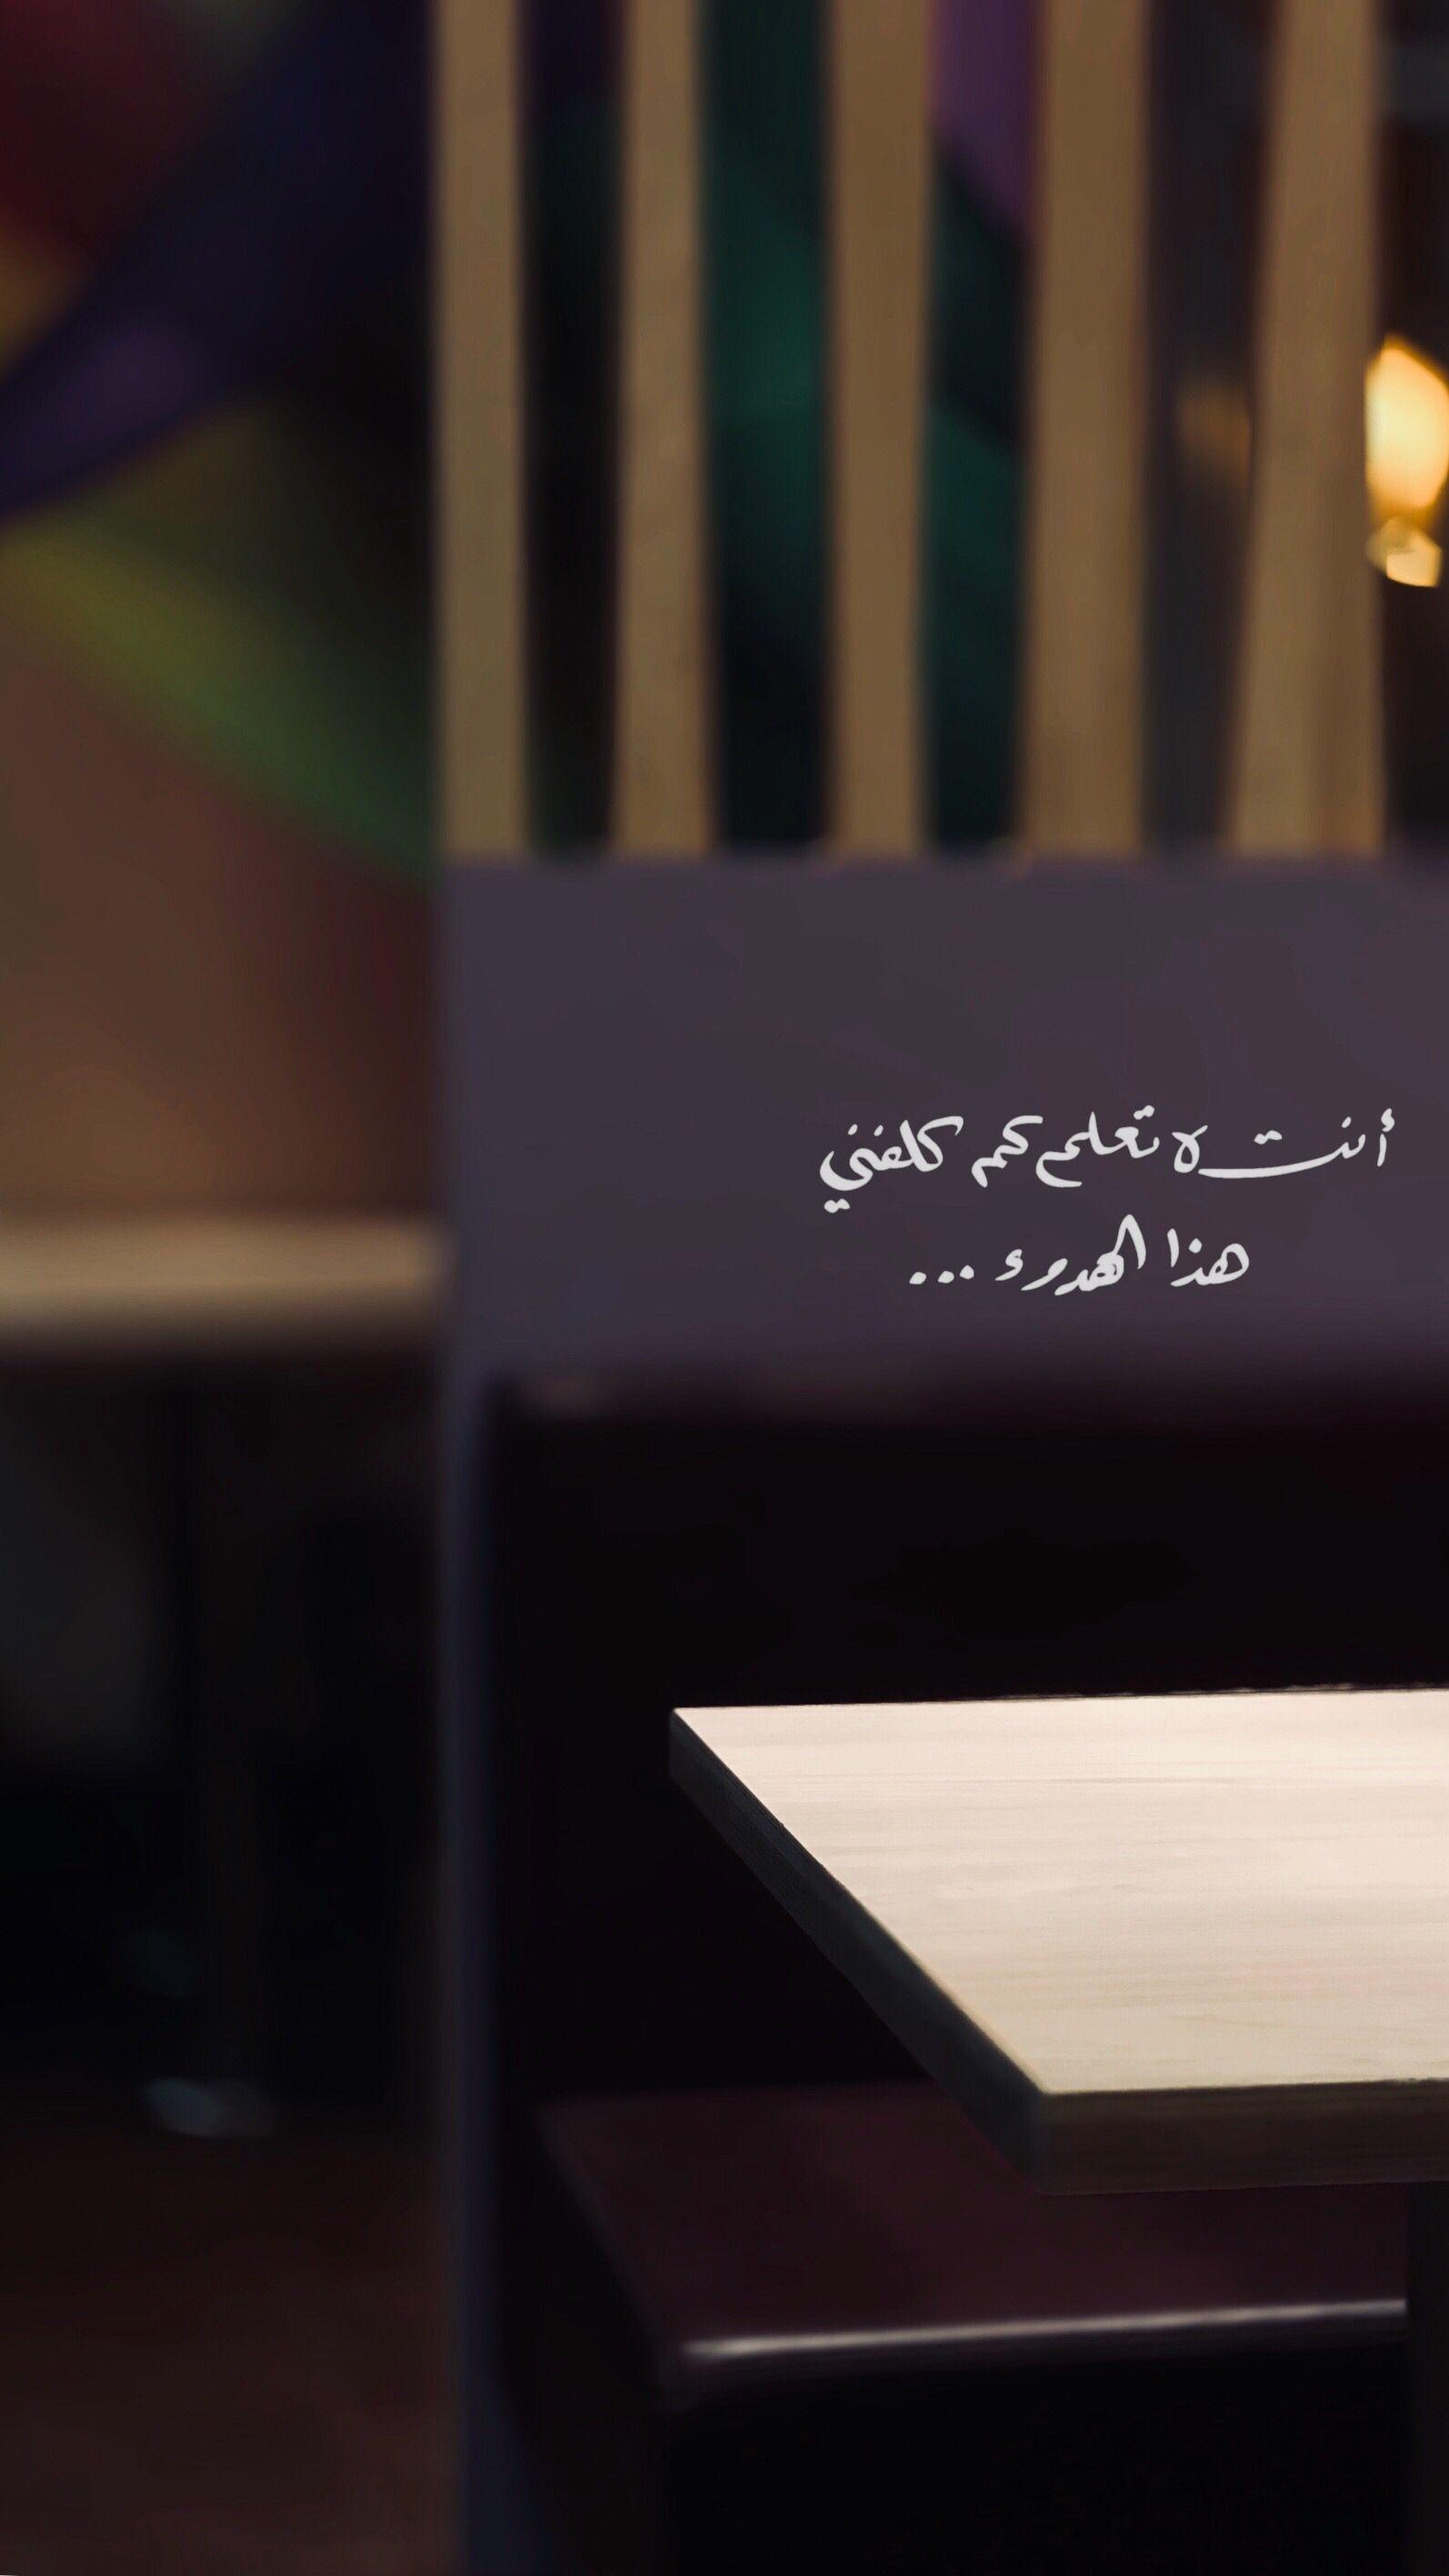 أنت لا تعلم كم كلفني هذا الهدوء Photo Quotes Cool Words Arabic Love Quotes